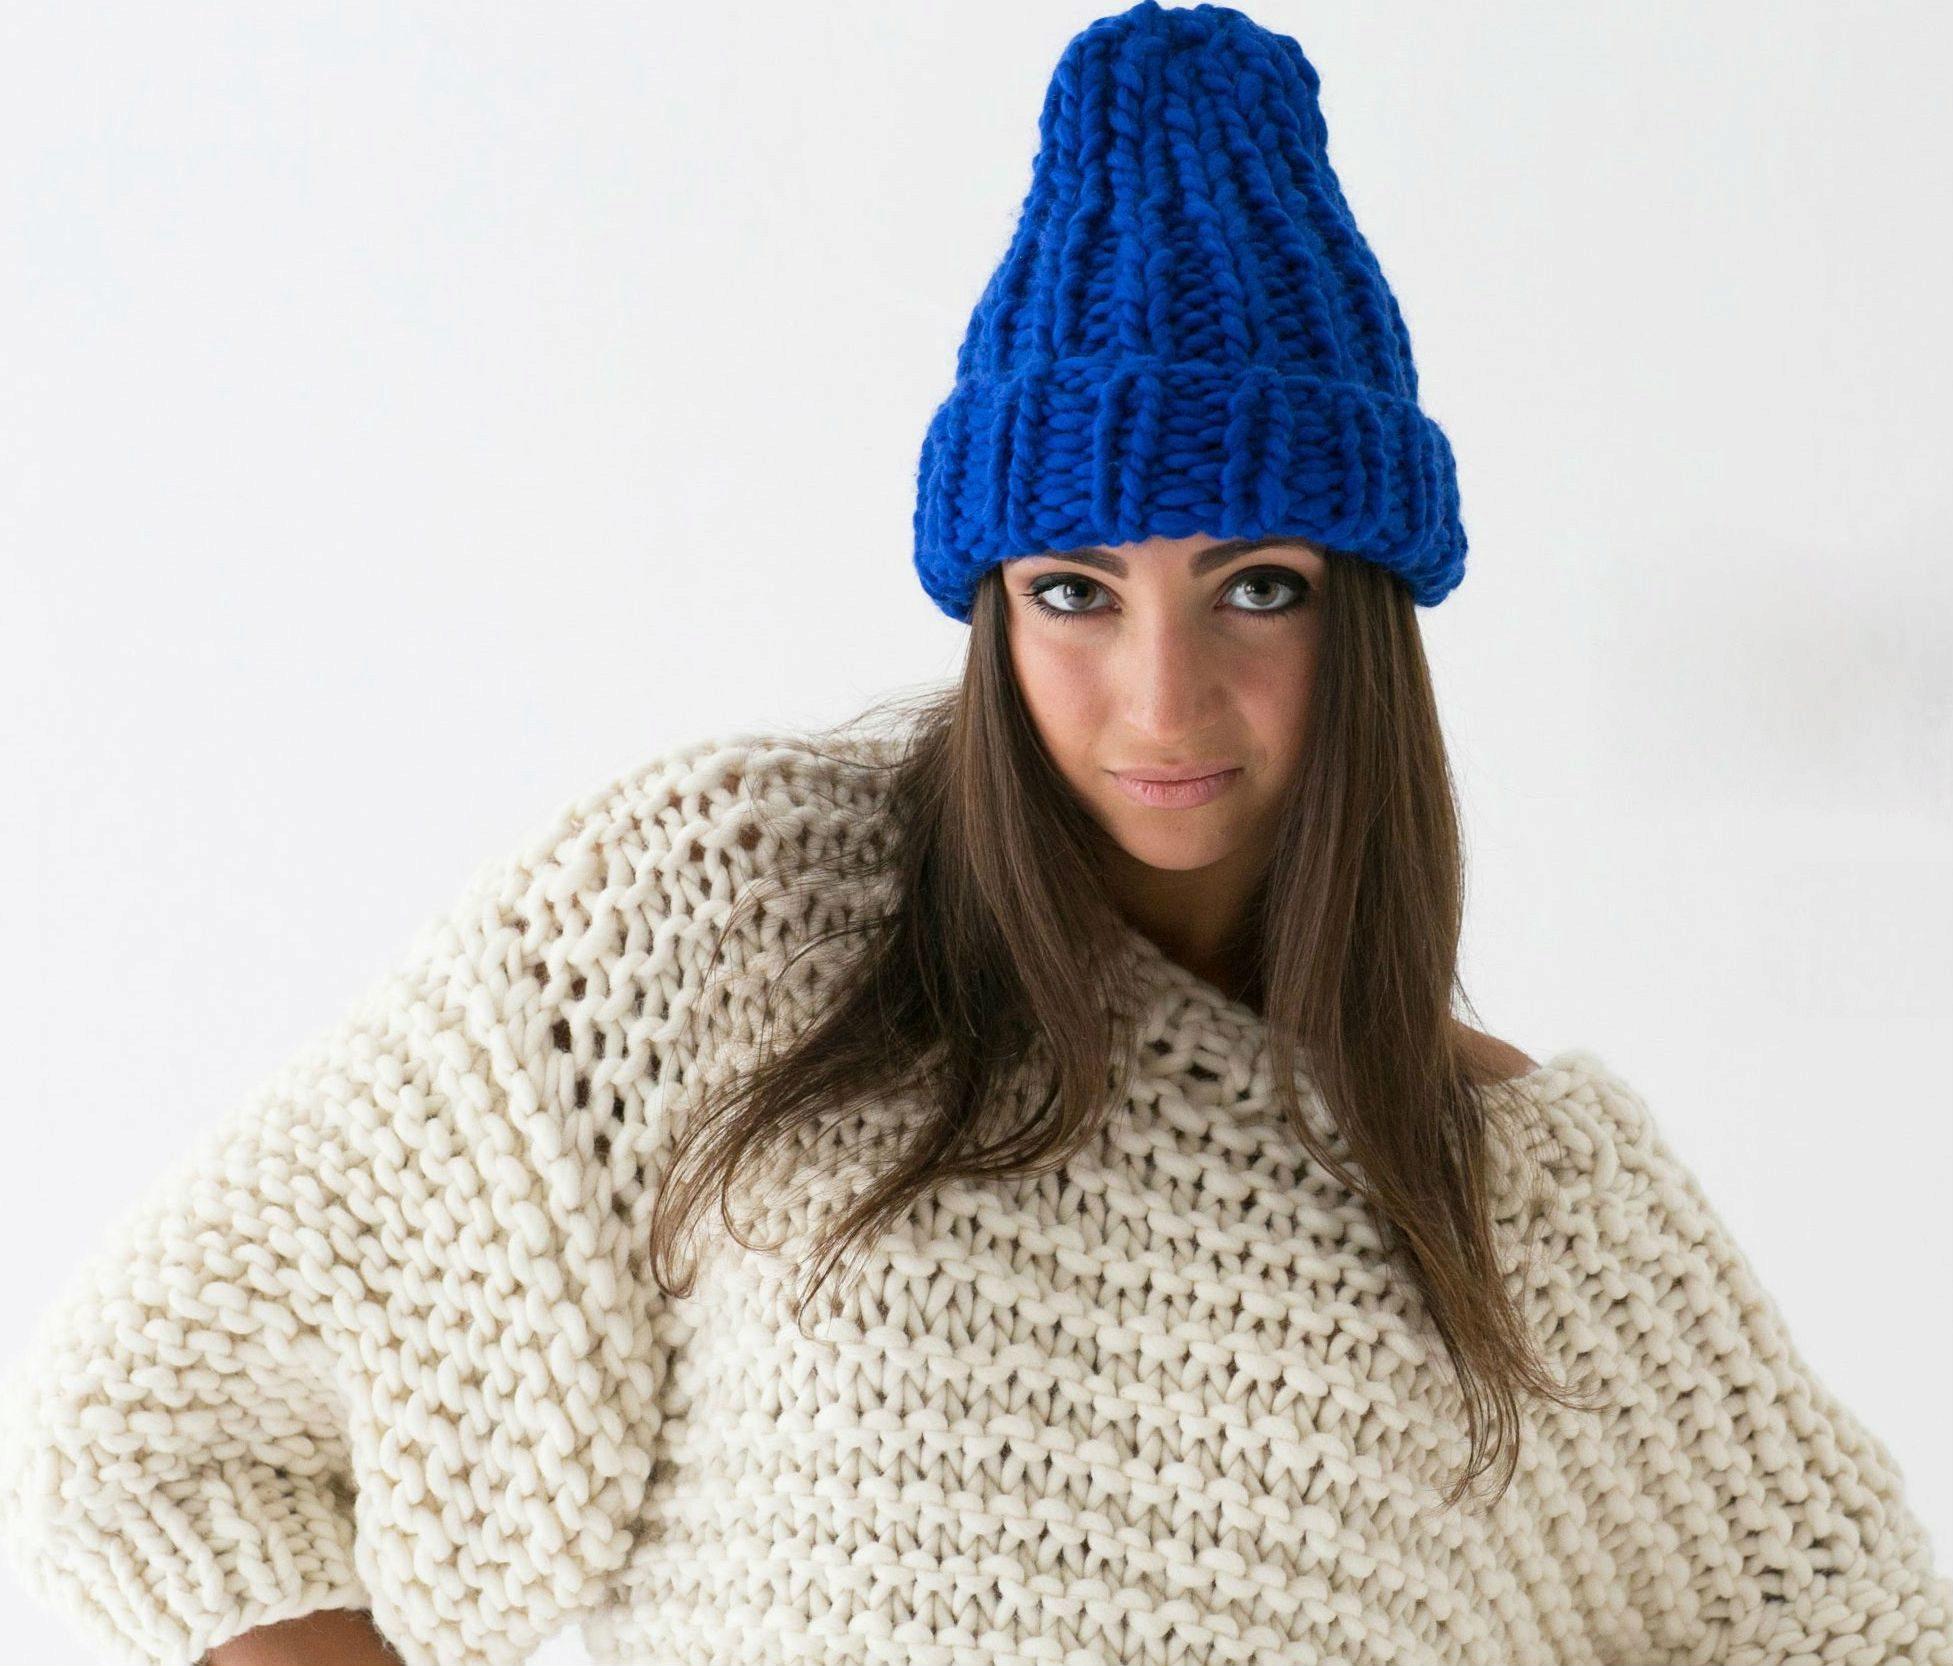 shapka-iz-tolstoj-pryazhi-38 Модные вязаные женские шапки в технике бриошь: схемы вязания. Как связать спицами красивую шапку чалму, тюрбан, бини, азиатским колском: схемы, узоры